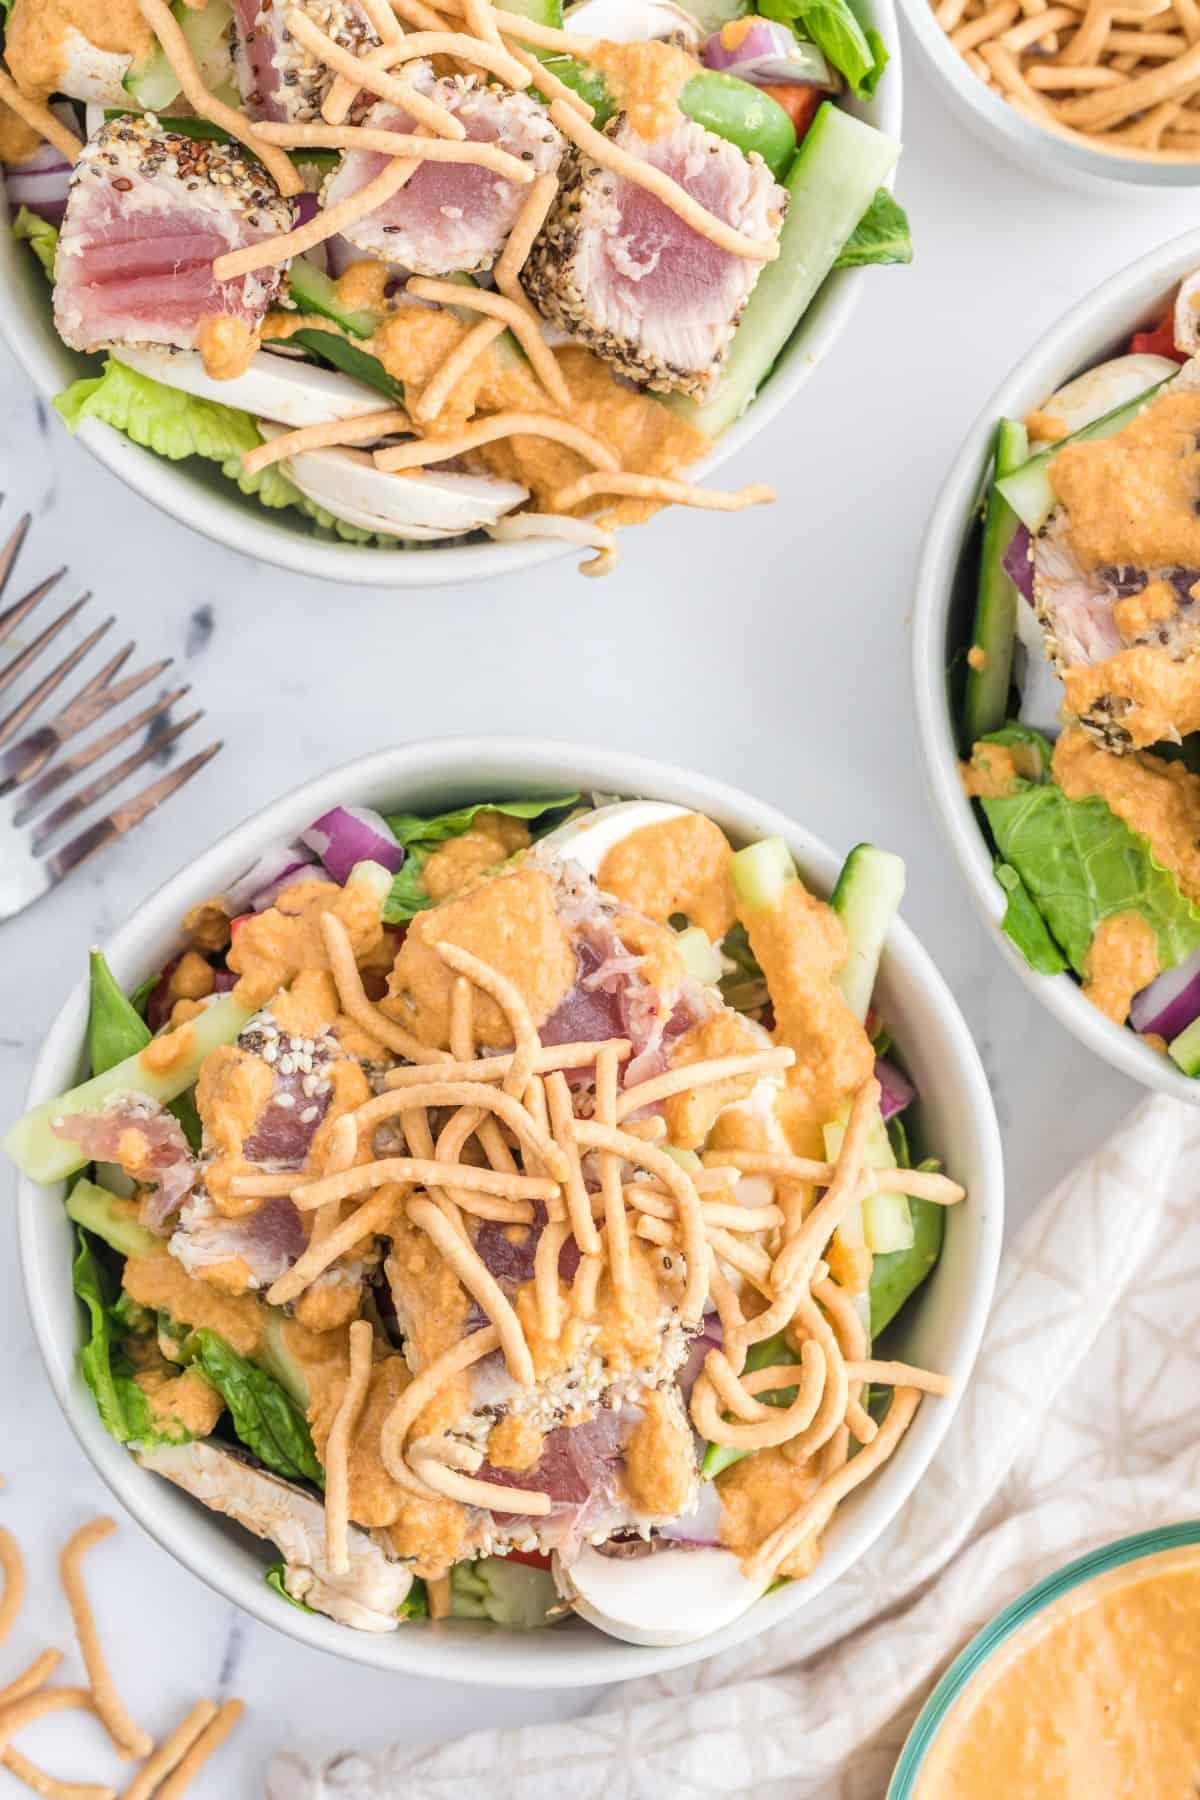 Overhead view of bowls of Ahi Tuna Salad